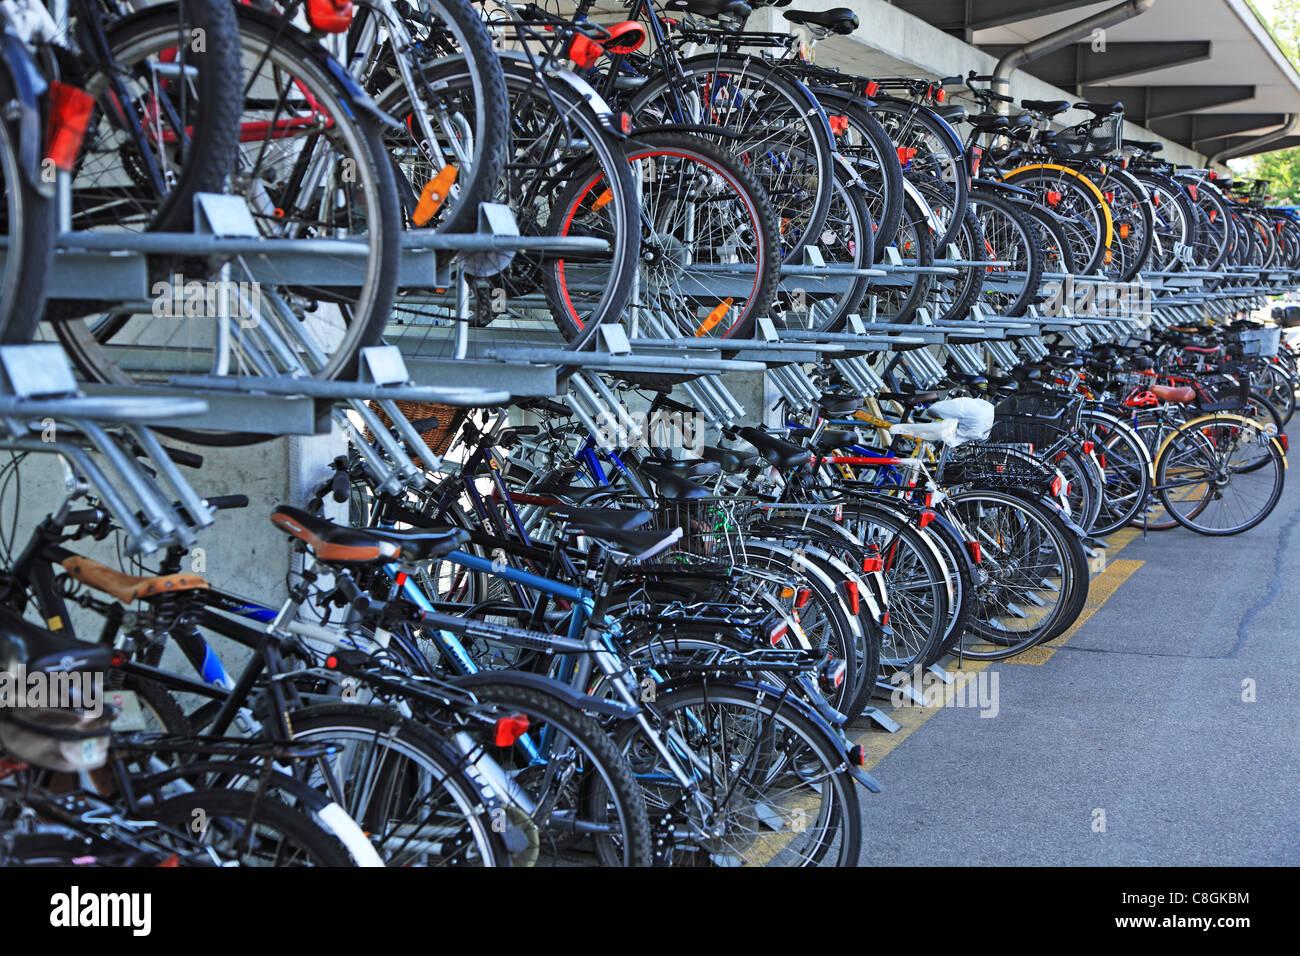 La vita, città-vita, traffico, bicicletta, Velo, parcheggio, materie, Svizzera, Solothurn, Olten, all'aperto, Immagini Stock